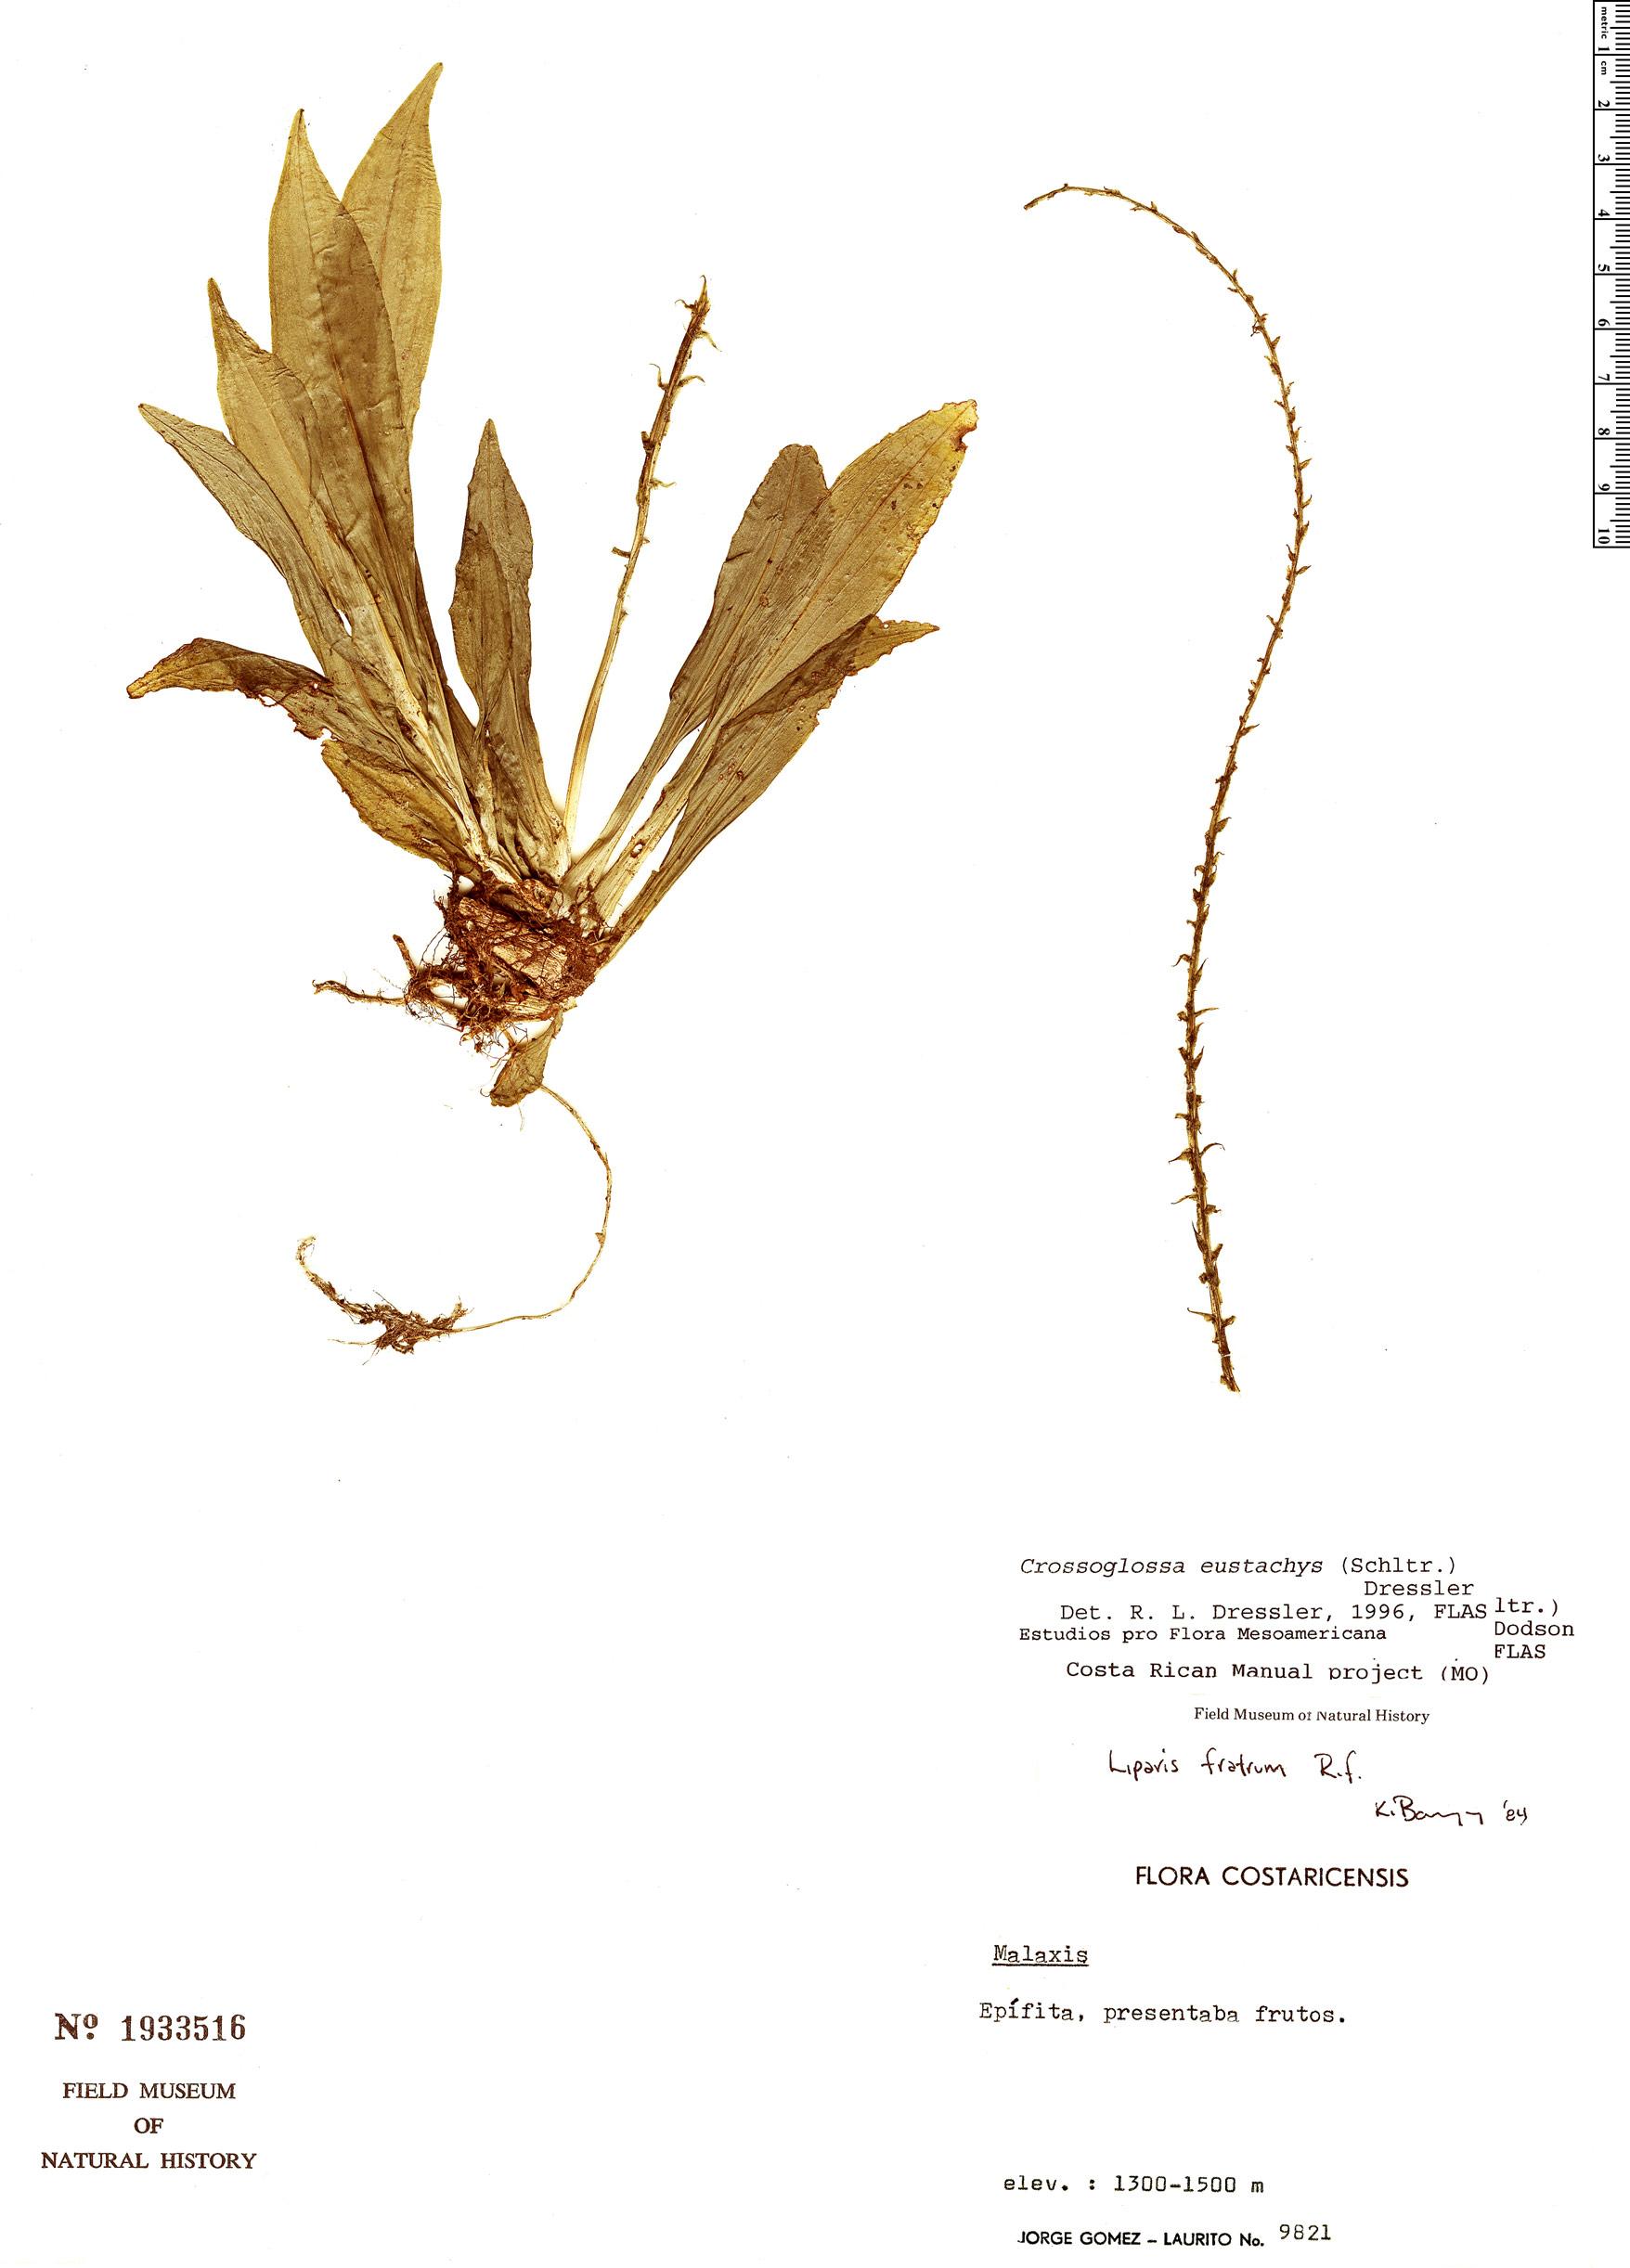 Specimen: Crossoglossa eustachys